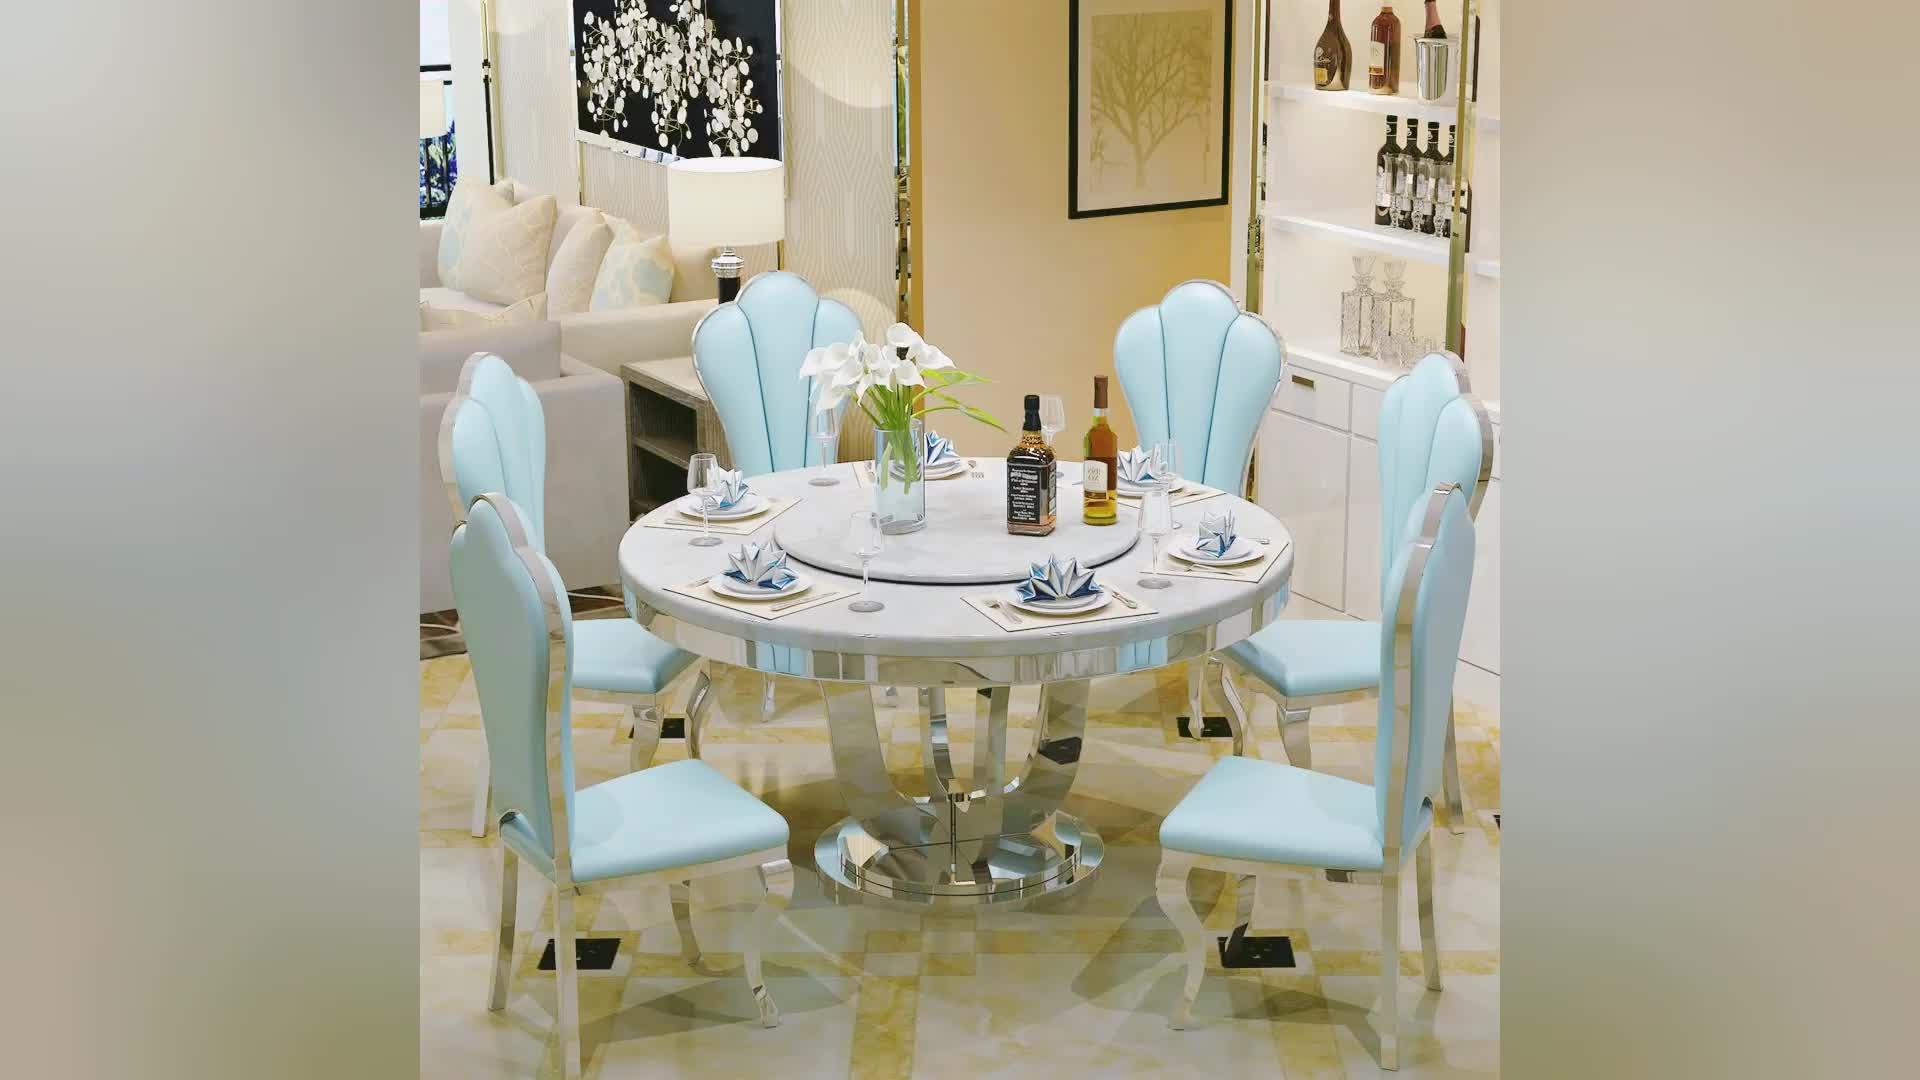 संगमरमर शीर्ष खाने की मेज की अच्छी लग रही के साथ खाने की मेज सेट ग्लास foshan शहर से CT011